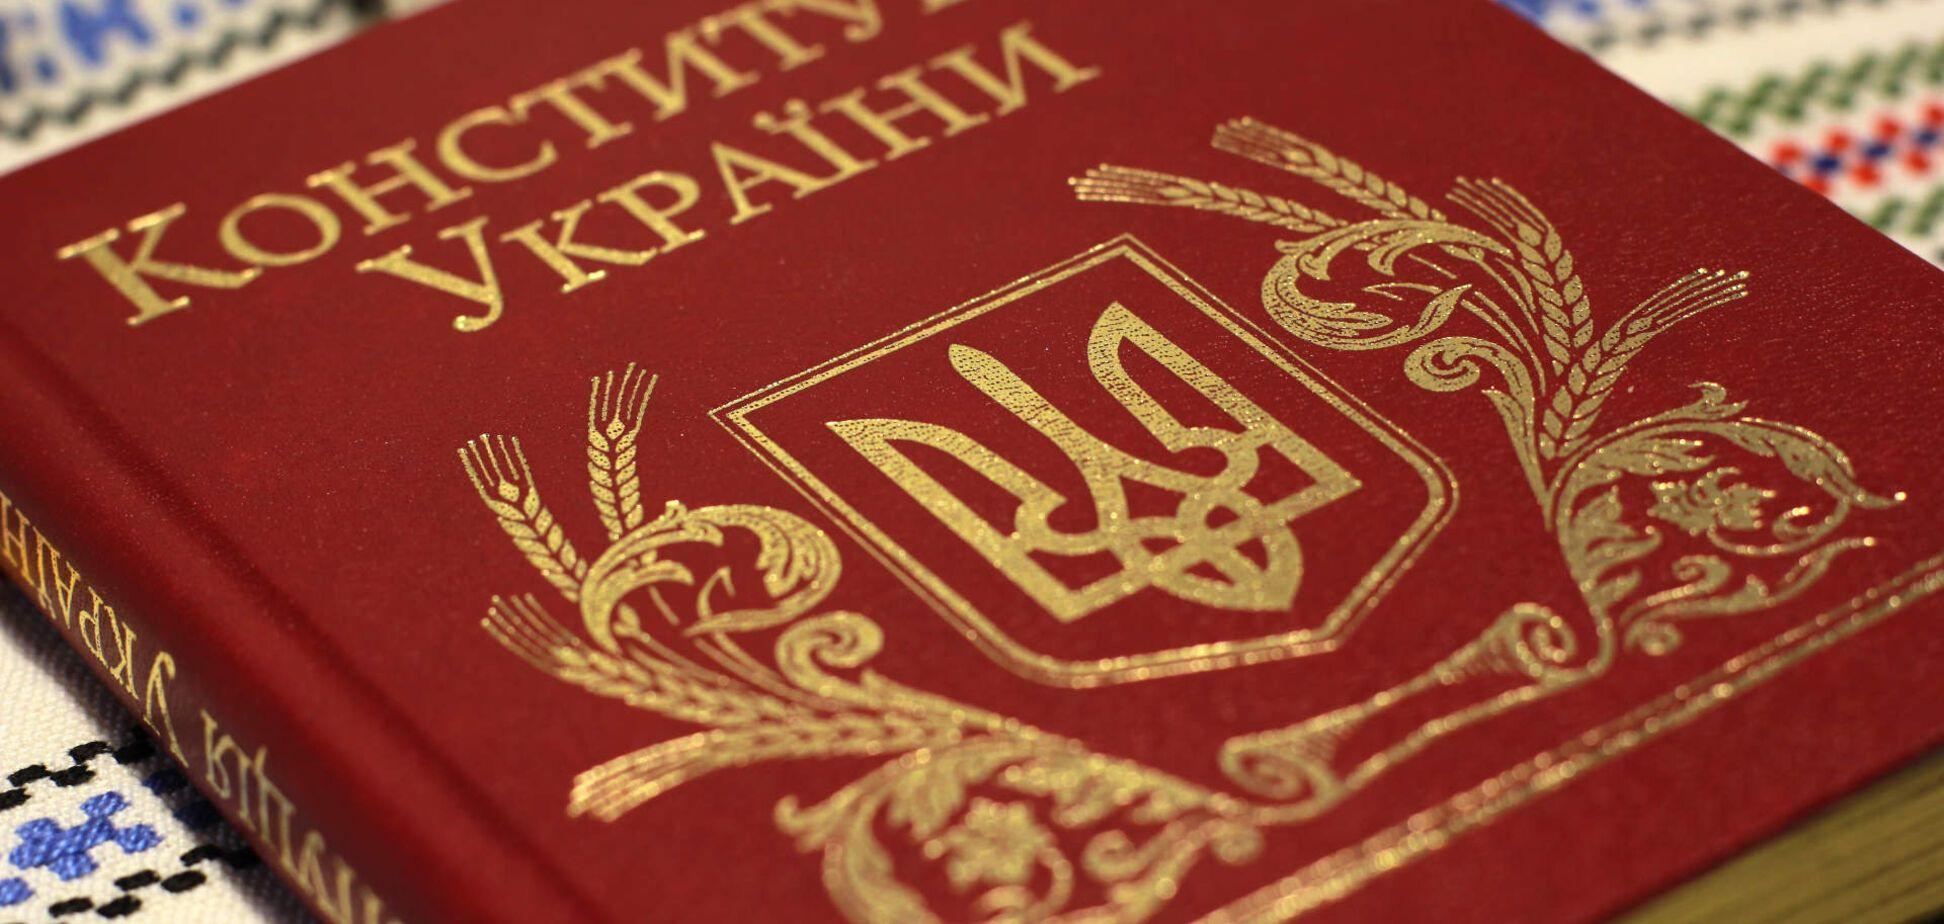 'Конституционный переворот Януковича': в сети показали заключение Венецианской комиссии